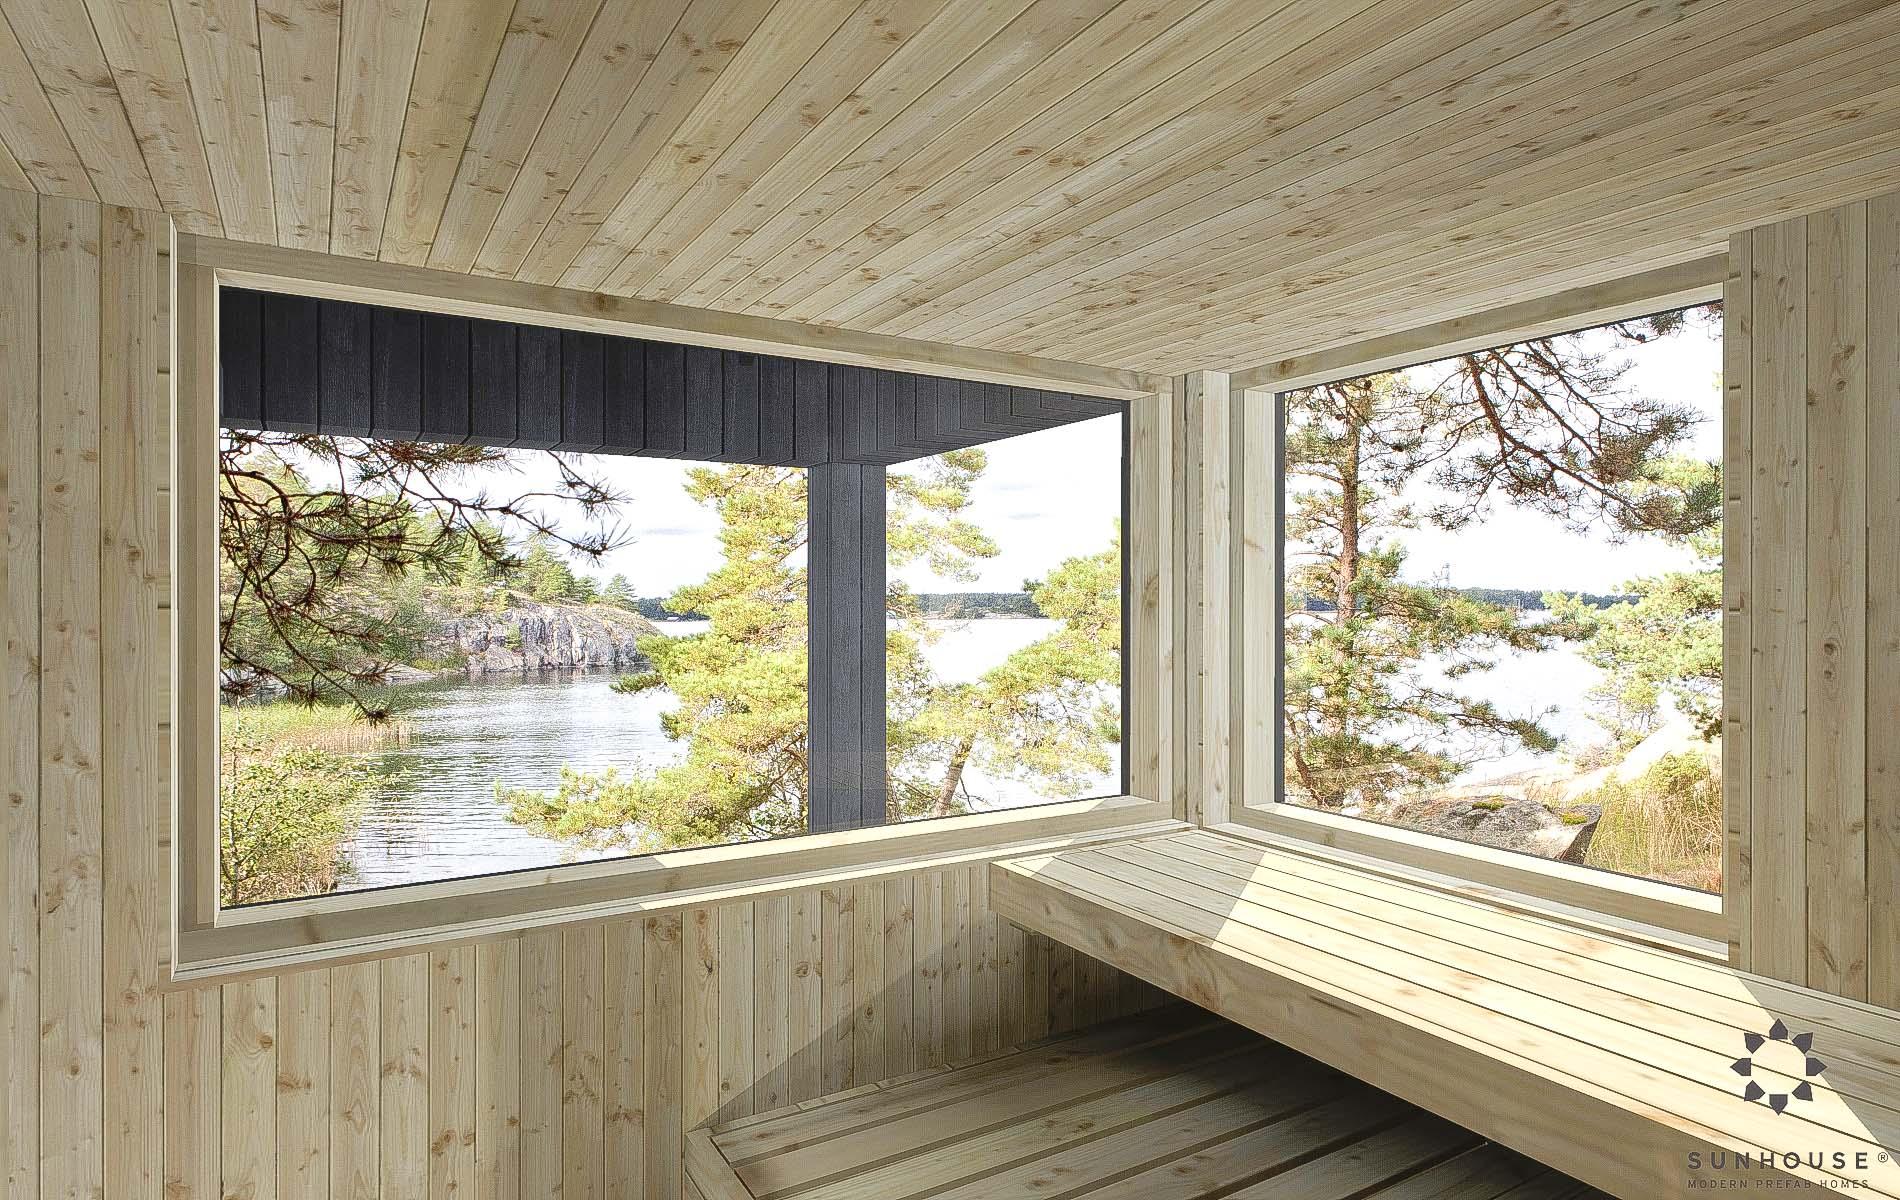 S1515-sauna_moderni_valmistalo_004.jpg